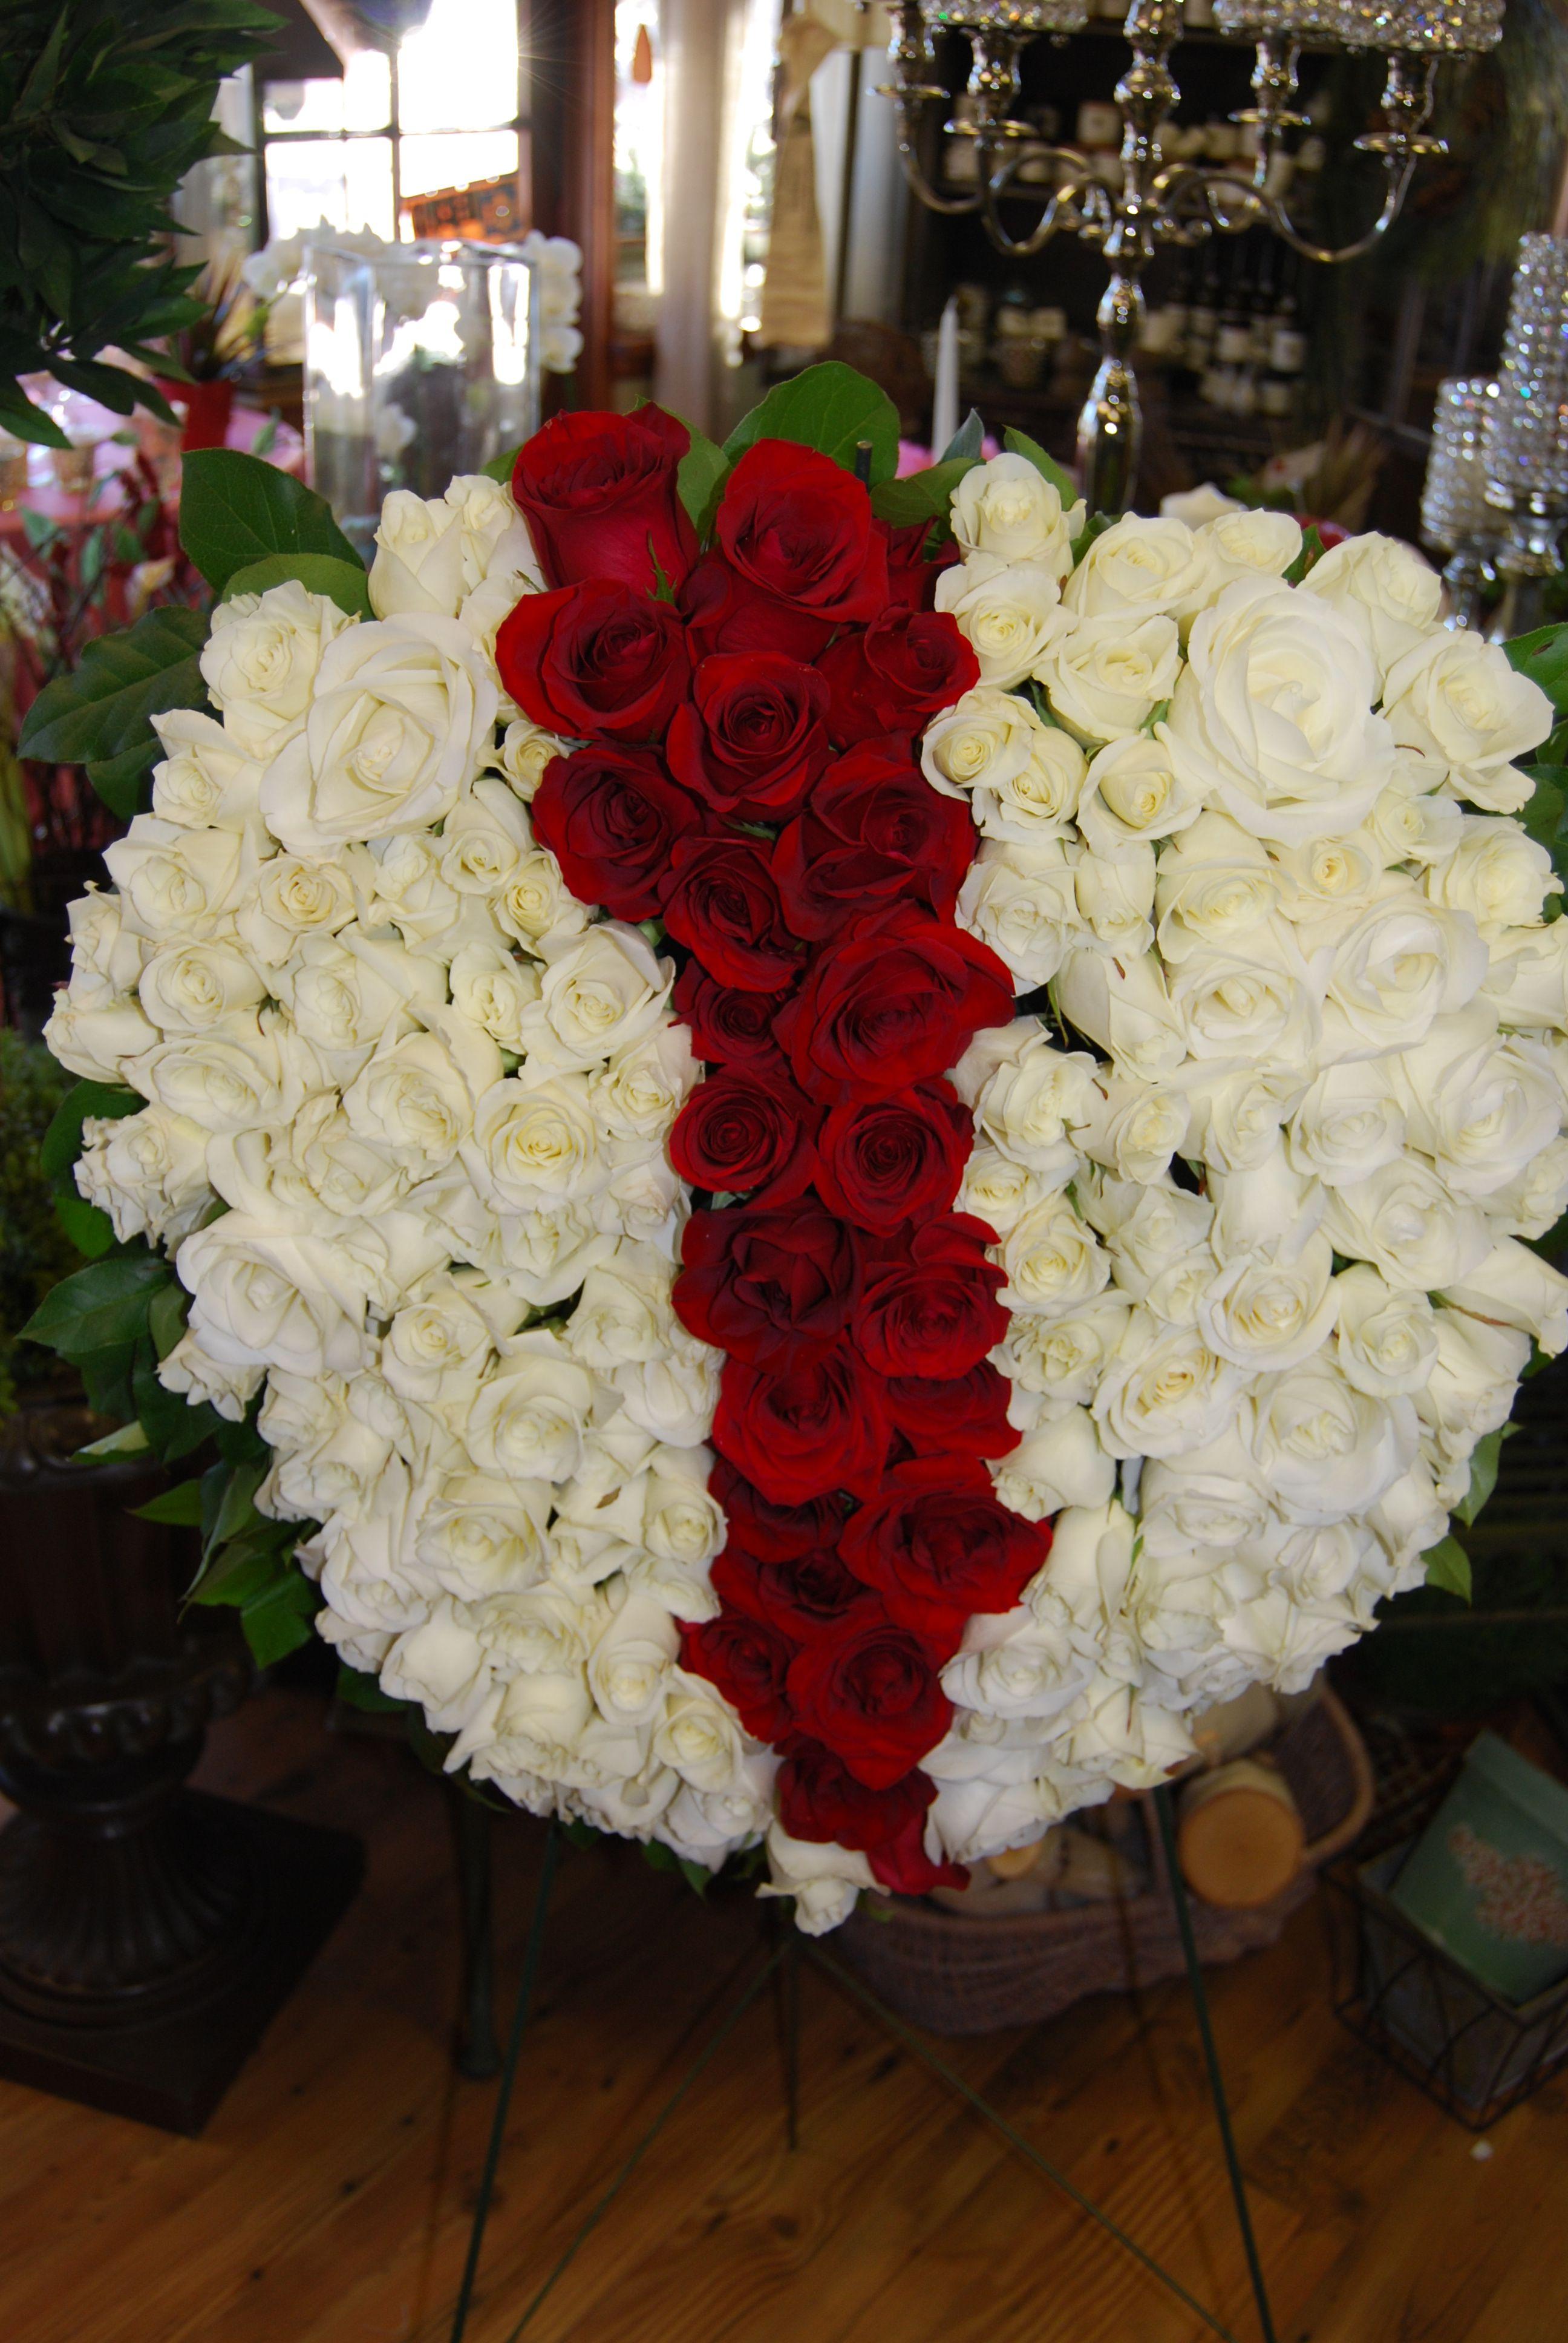 Bleeding Heart Funeral Flower Arrangement Funeral flower